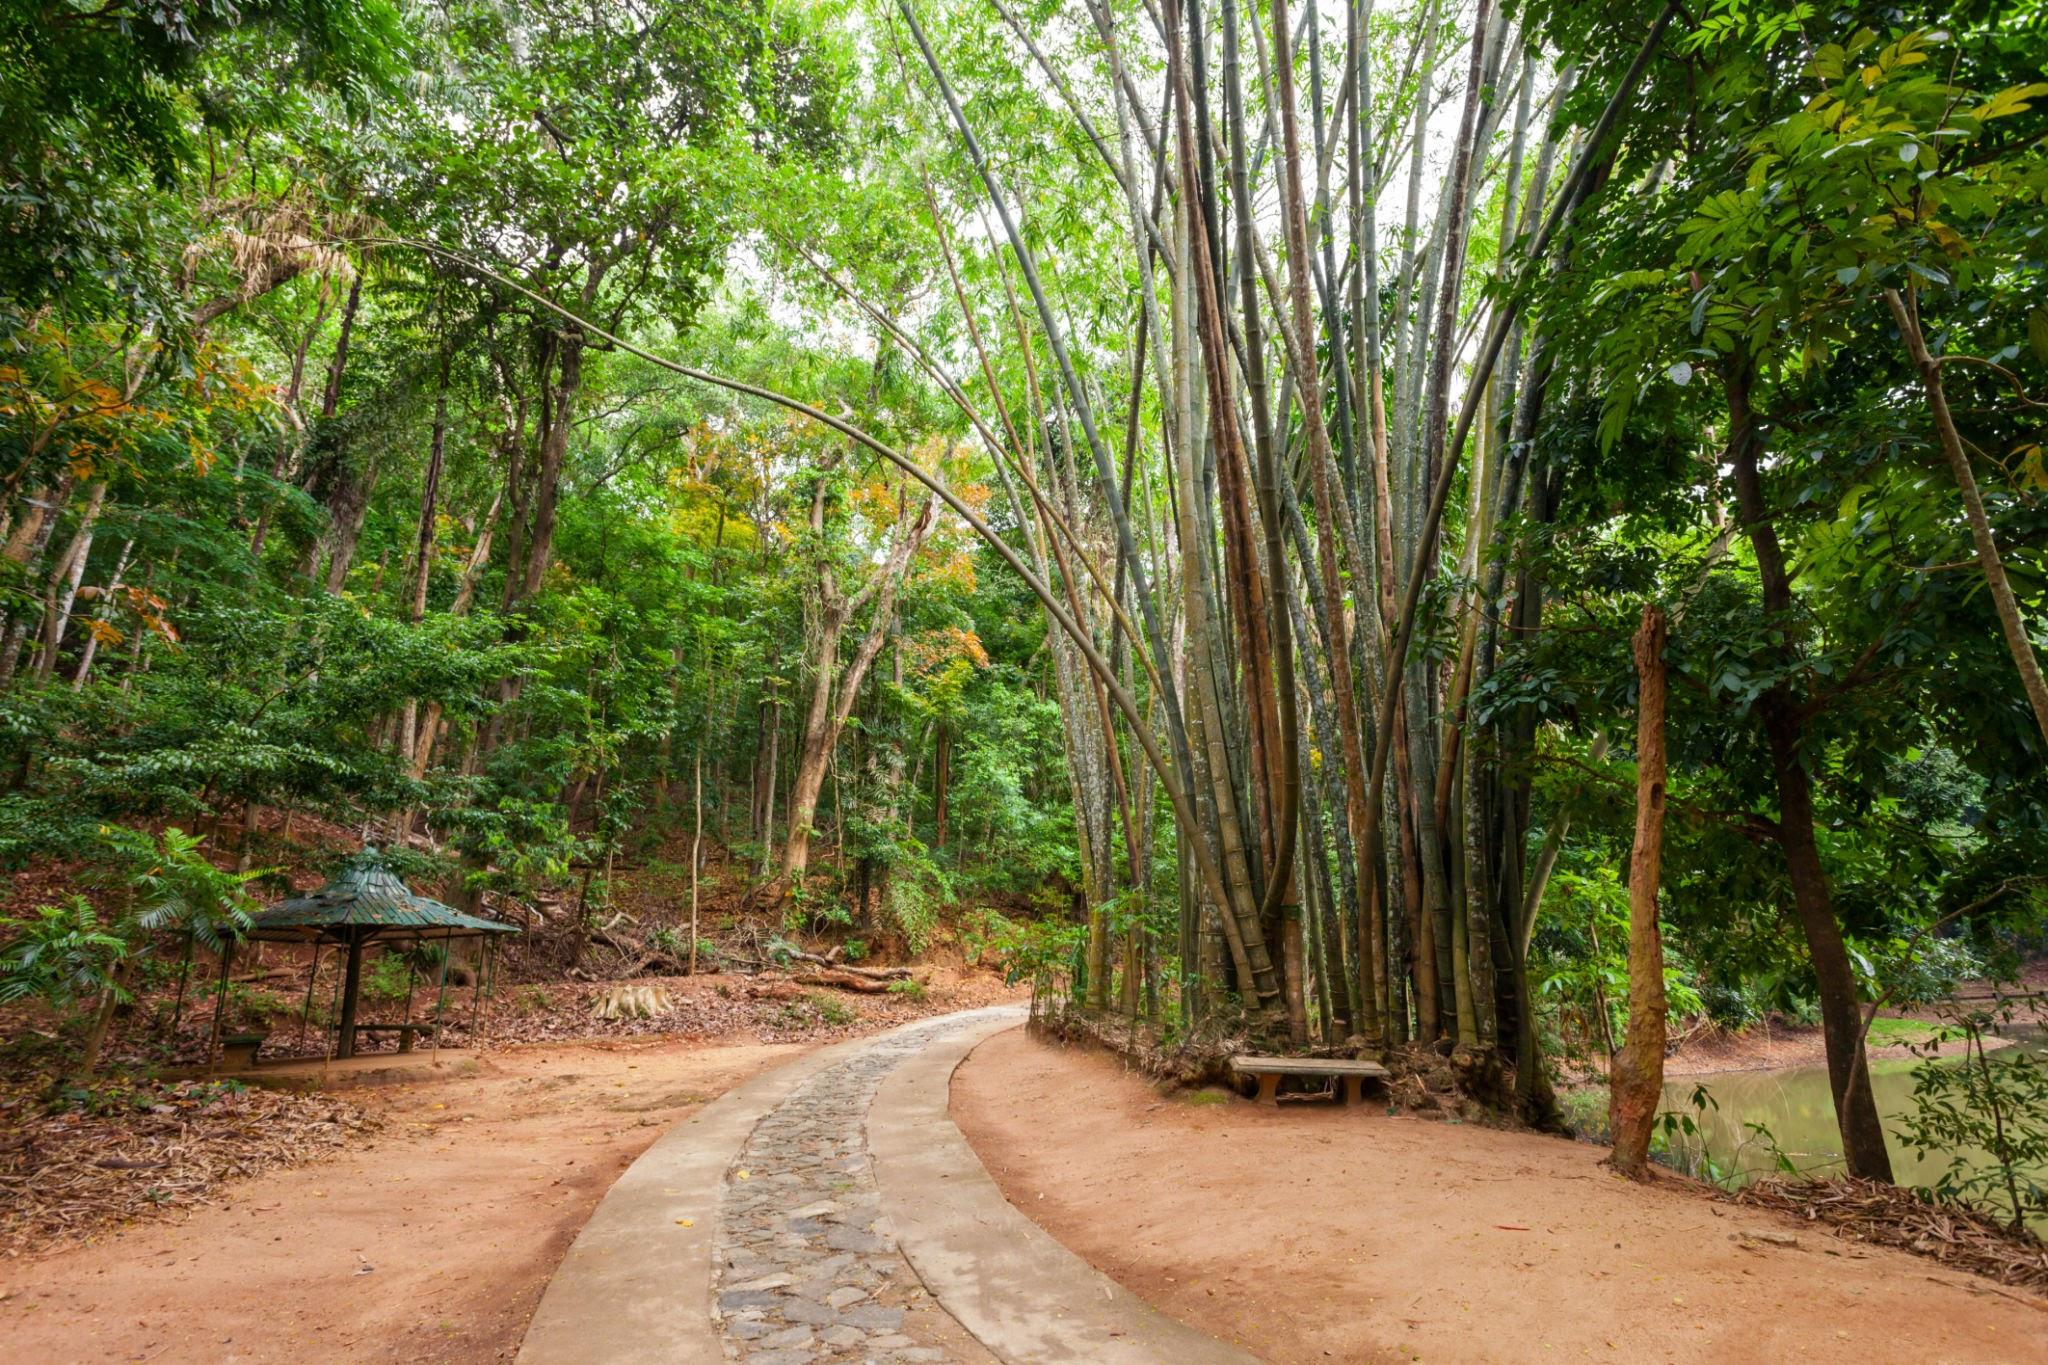 الاماكن السياحية في كاندي محمية أوداواتا كيلي